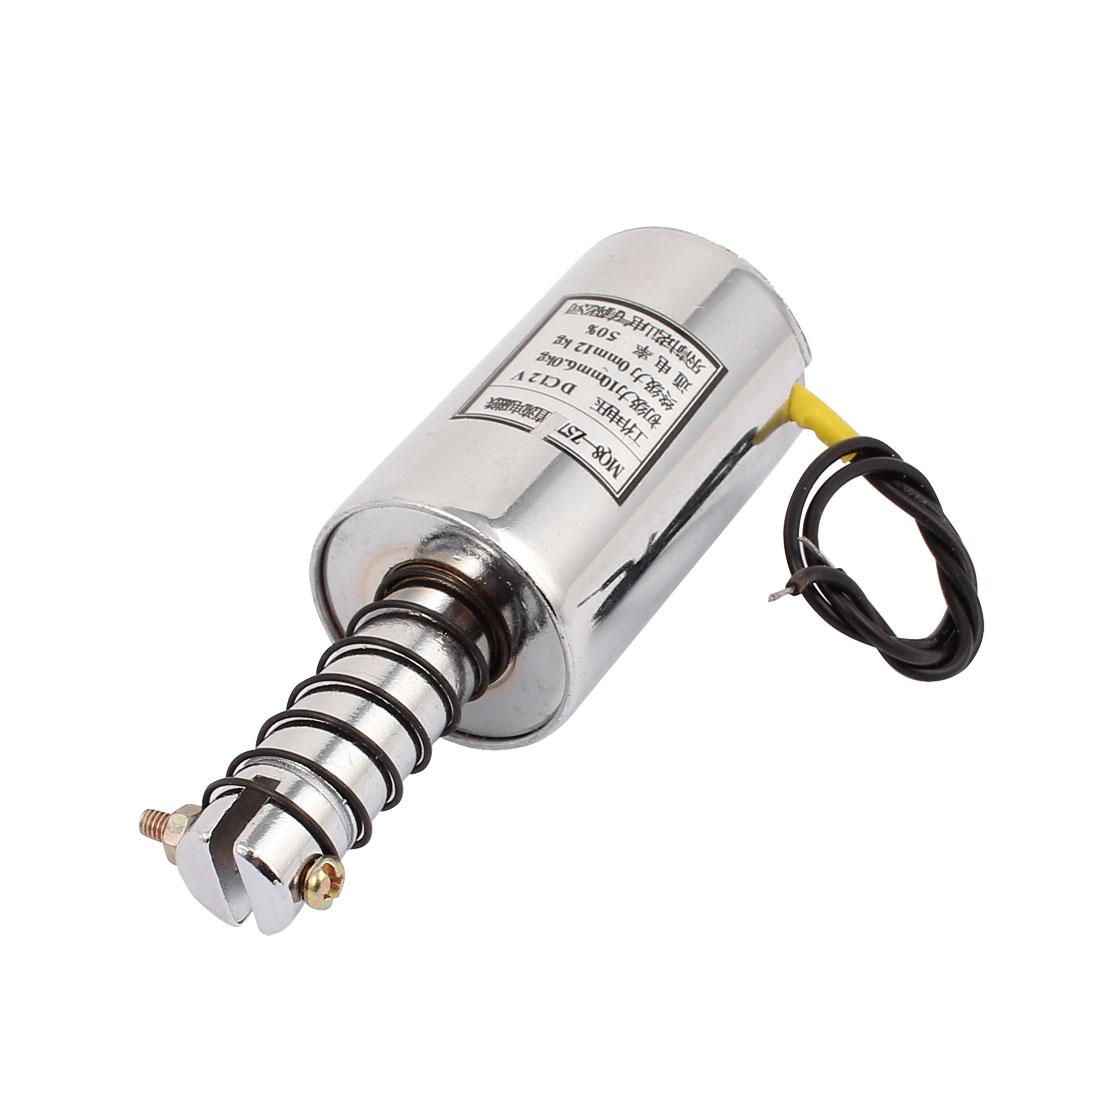 DC12V 0mm/12Kg 10mm/6Kg Wired Spring Plunger Pull Type Solenoid Electromagnet